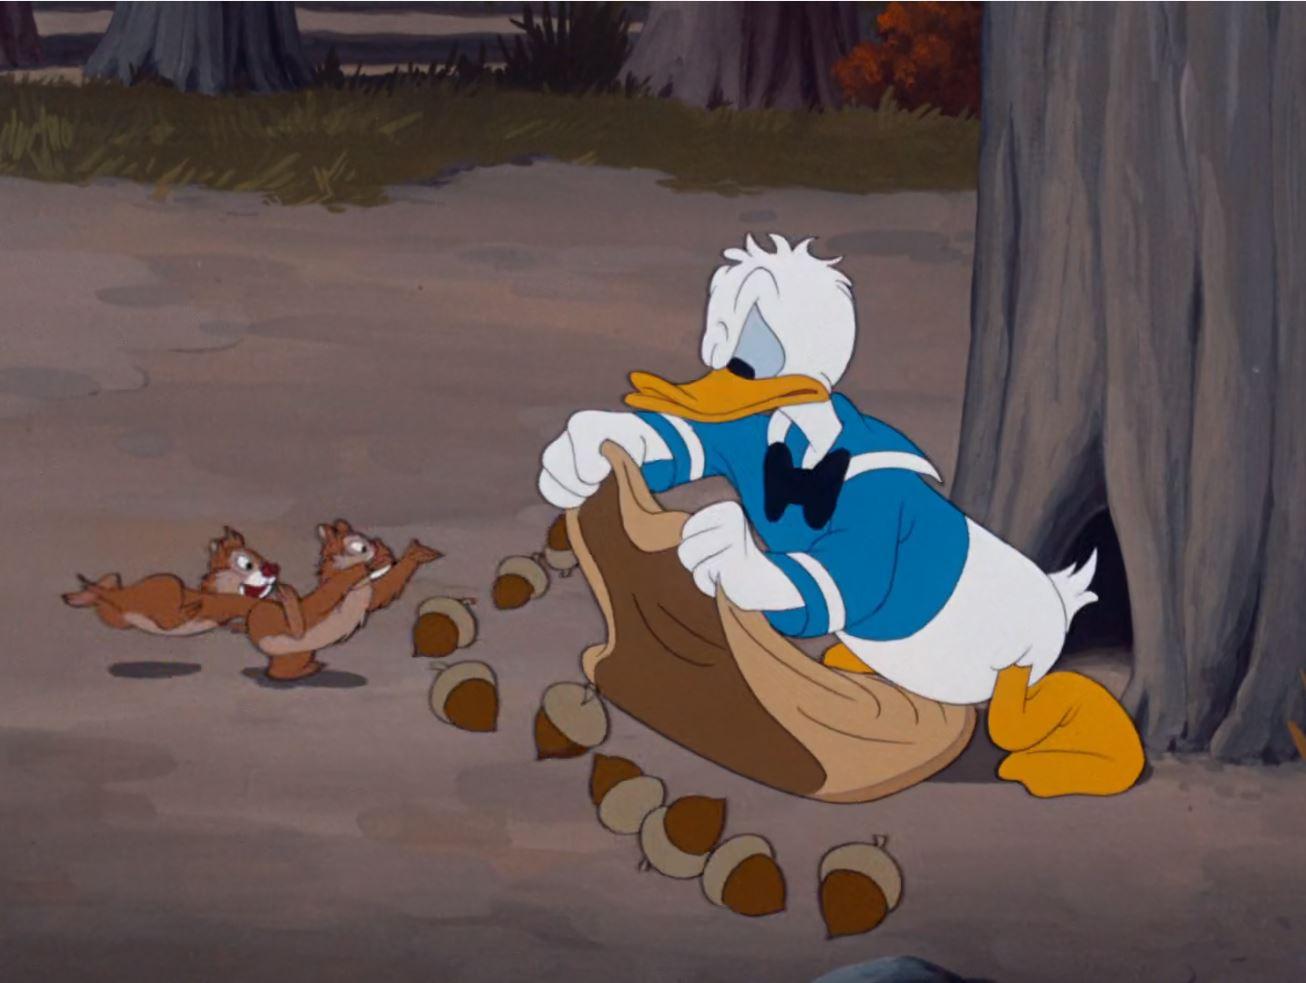 Ảnh vịt Donald dễ thương đáng yêu